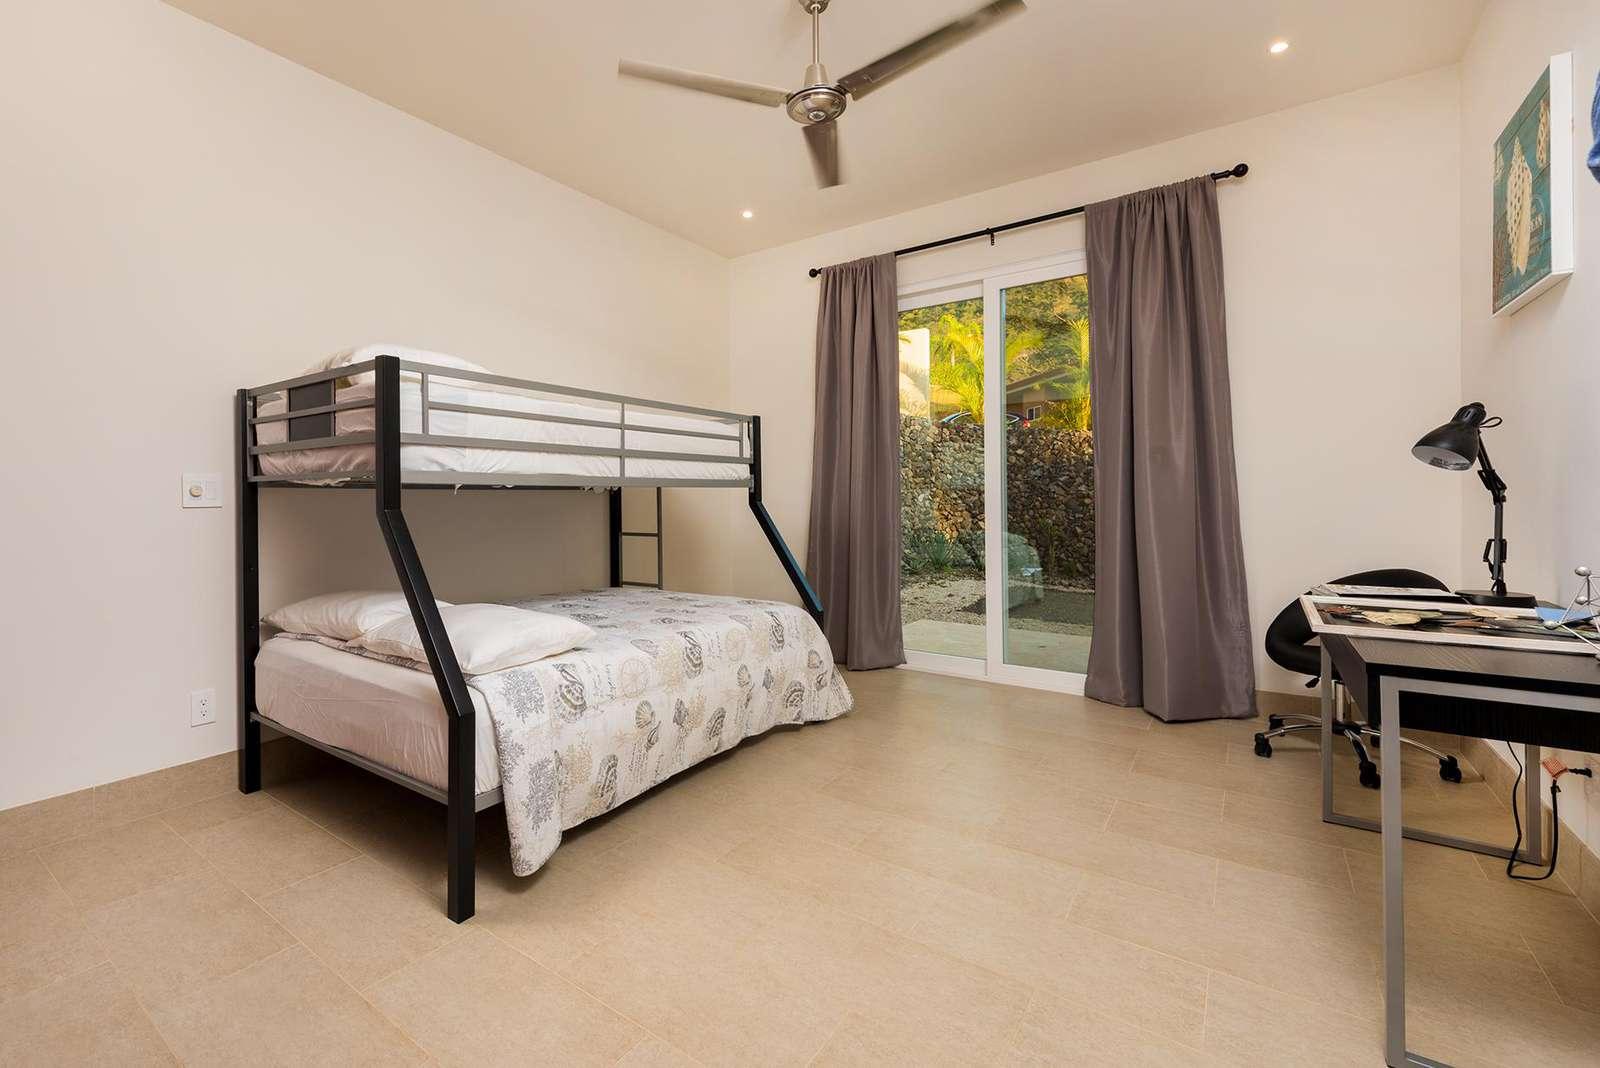 Guest bedroom, bunk bed